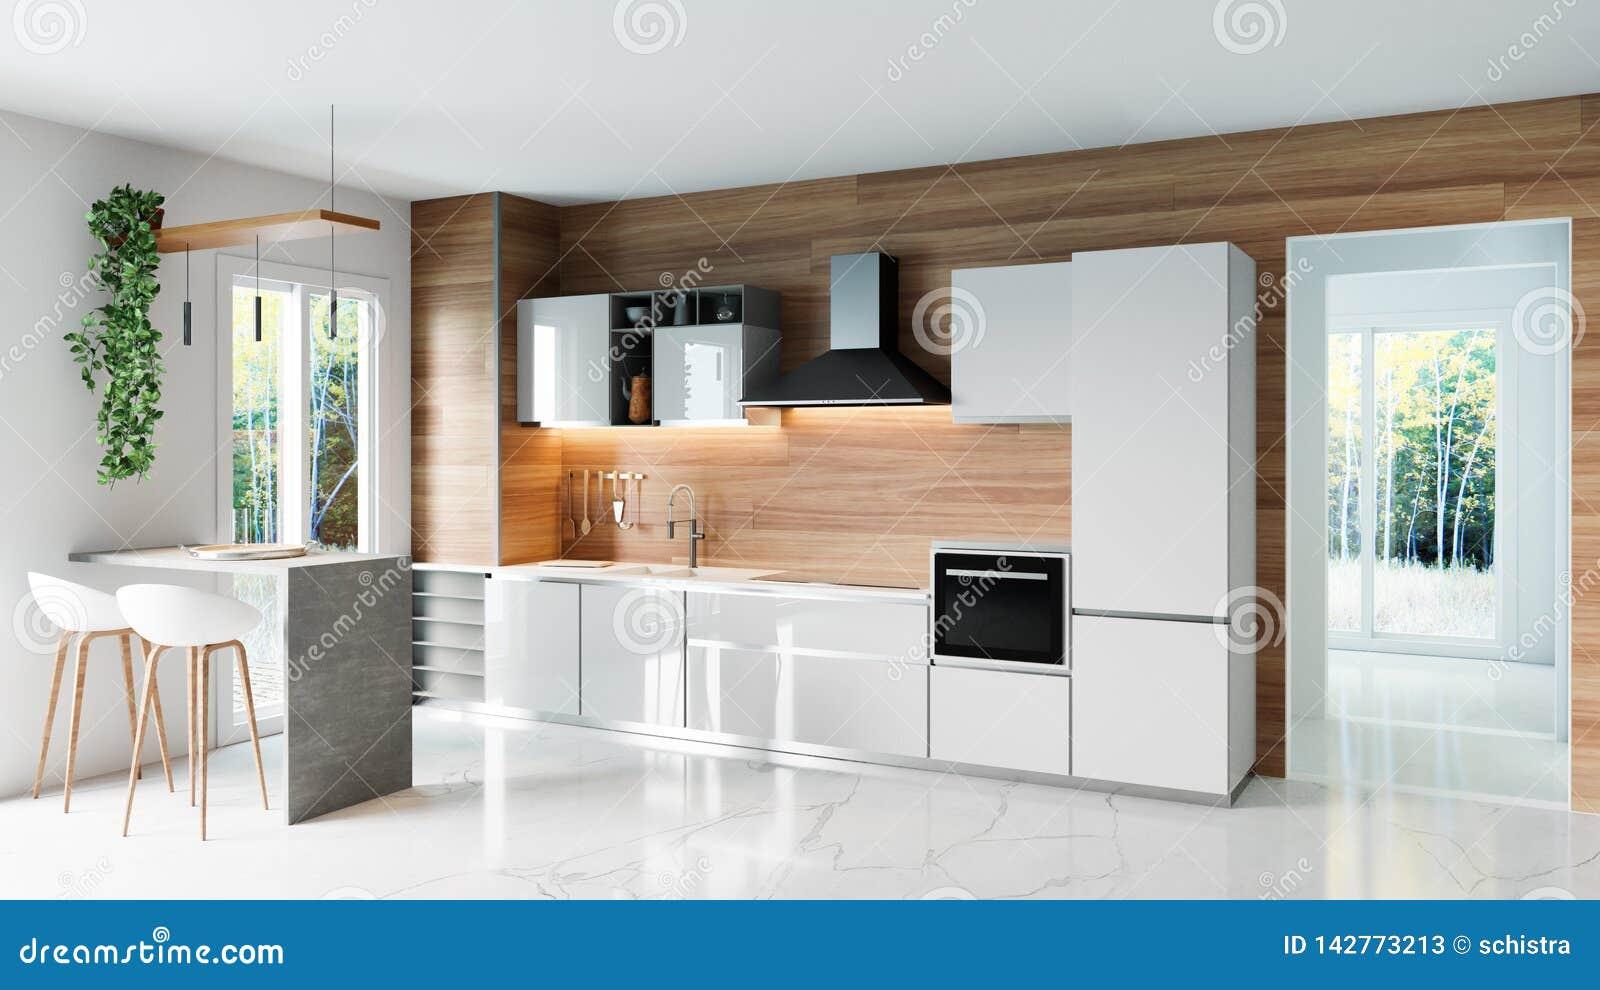 Pavimenti Cucina Moderna.Cucina Moderna Con La Parete Di Legno Ed Il Pavimento Di